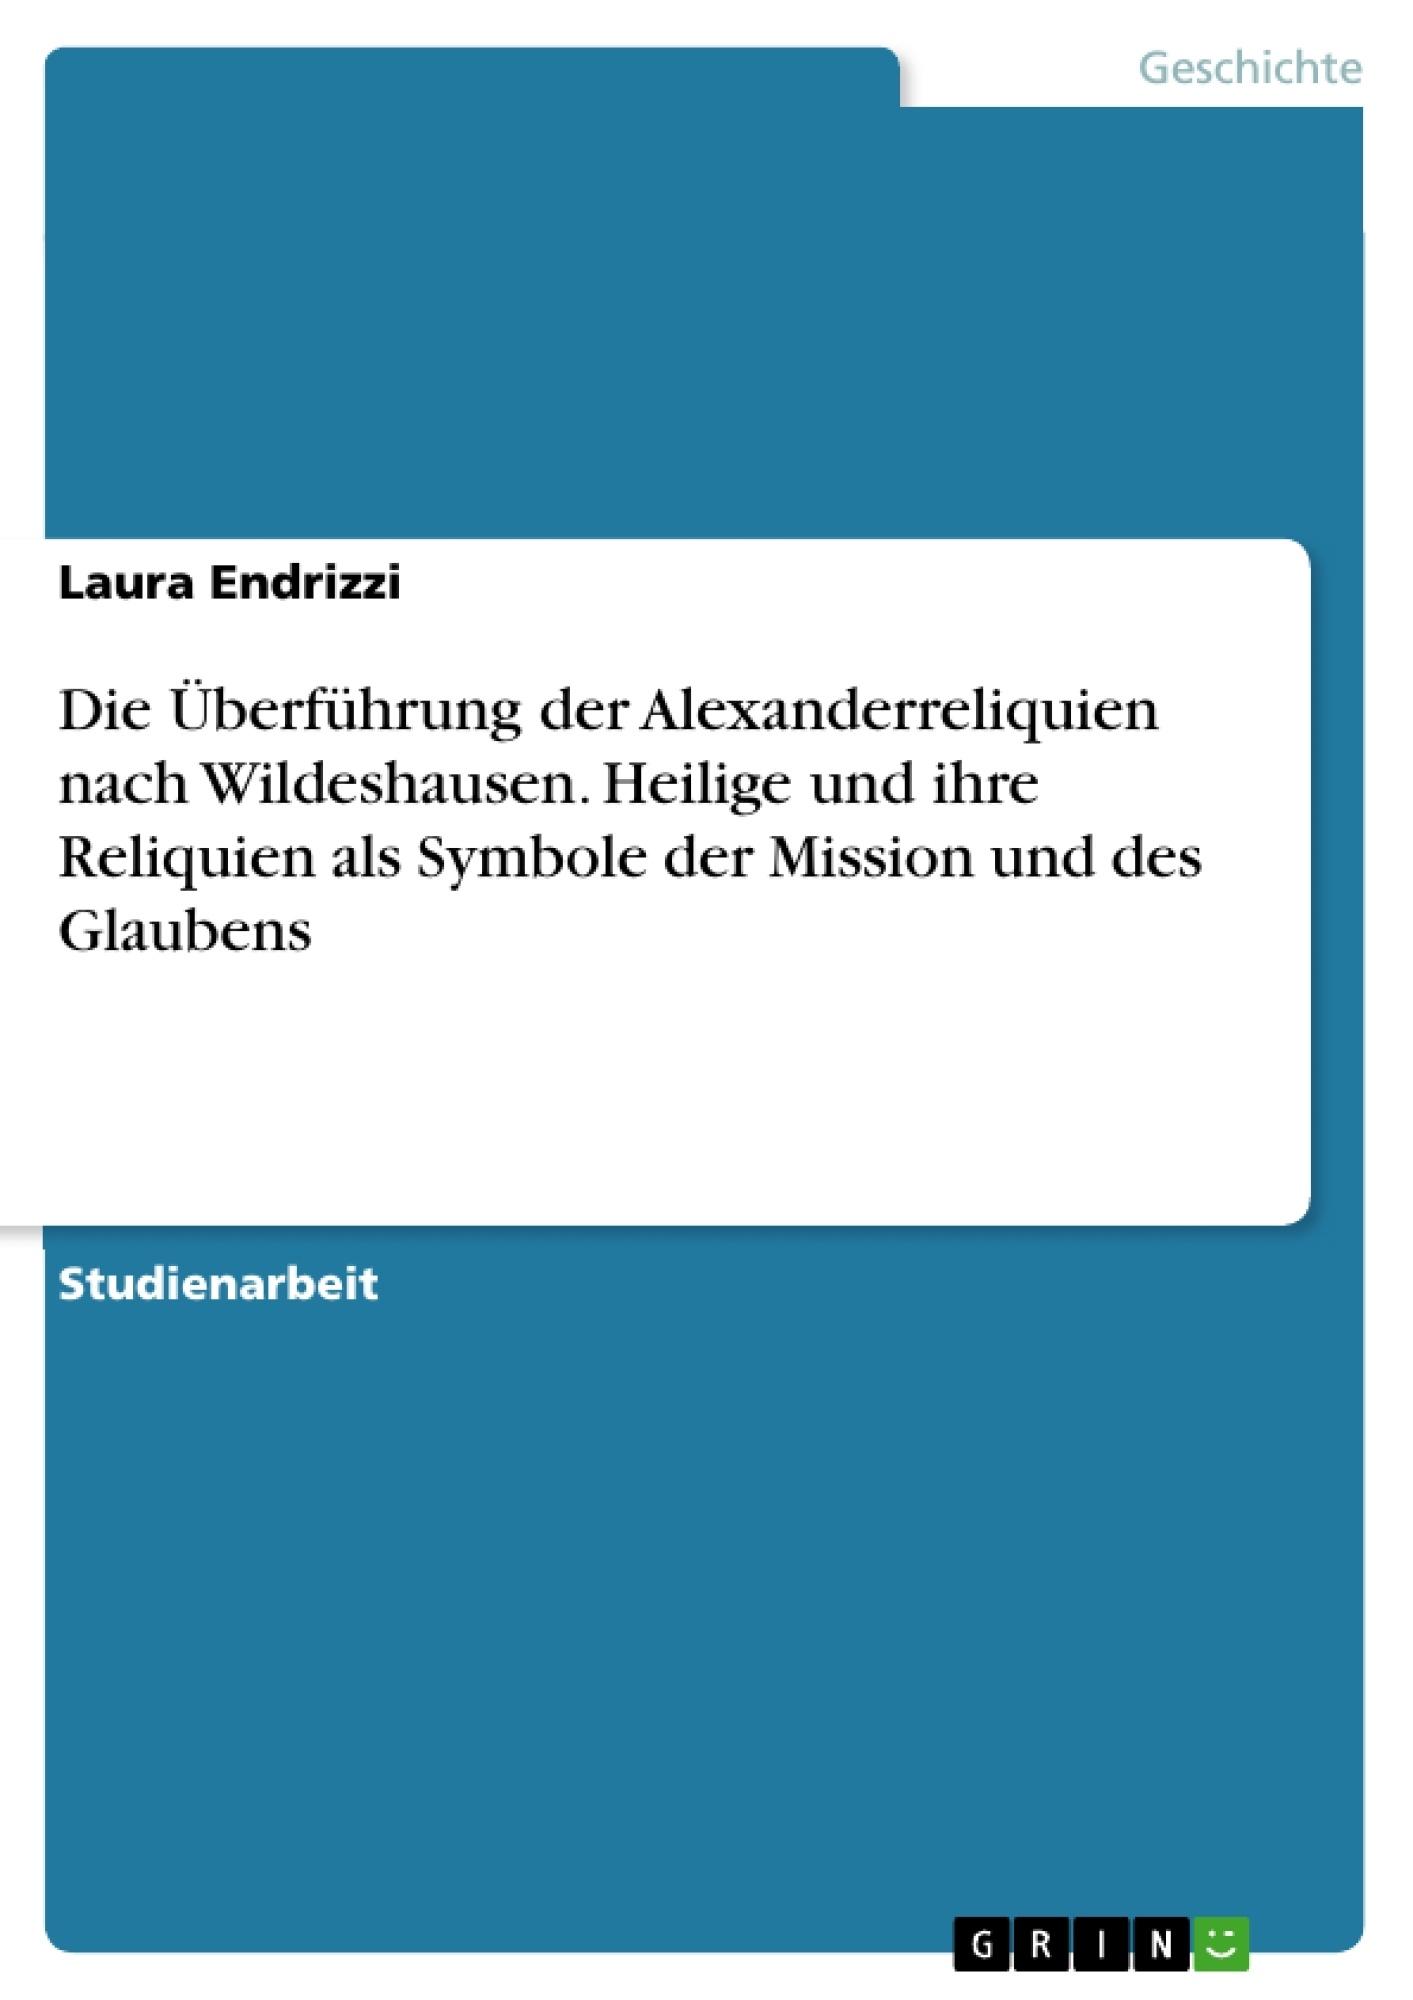 Titel: Die Überführung der Alexanderreliquien nach Wildeshausen. Heilige und ihre Reliquien als Symbole der Mission und des Glaubens